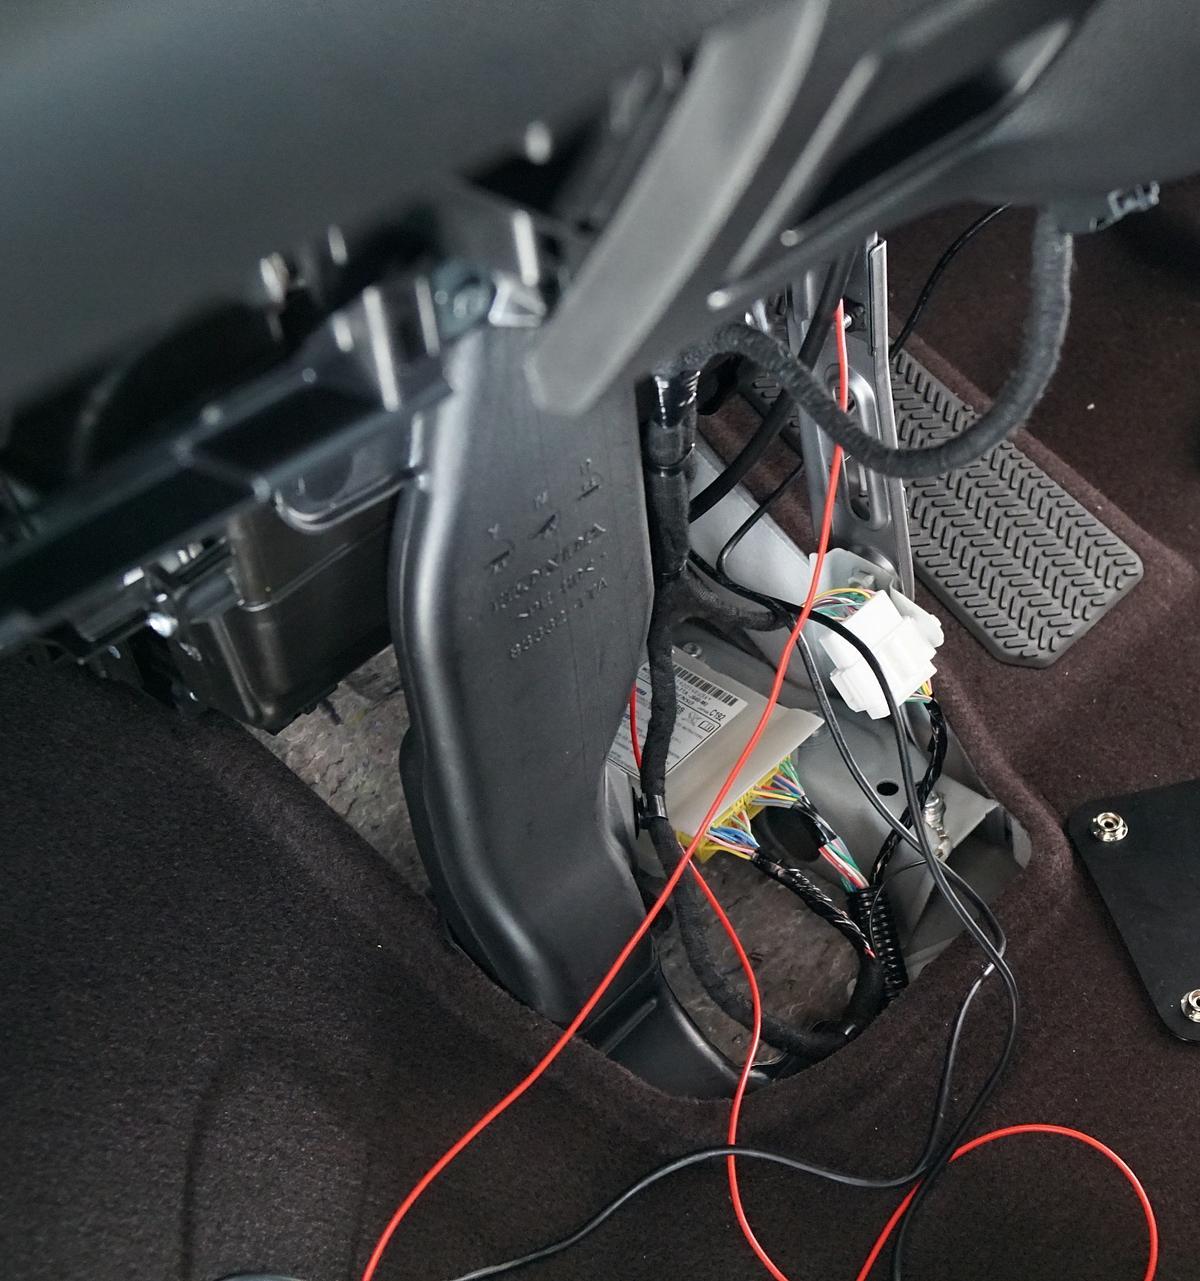 配線整理 と 電源取り